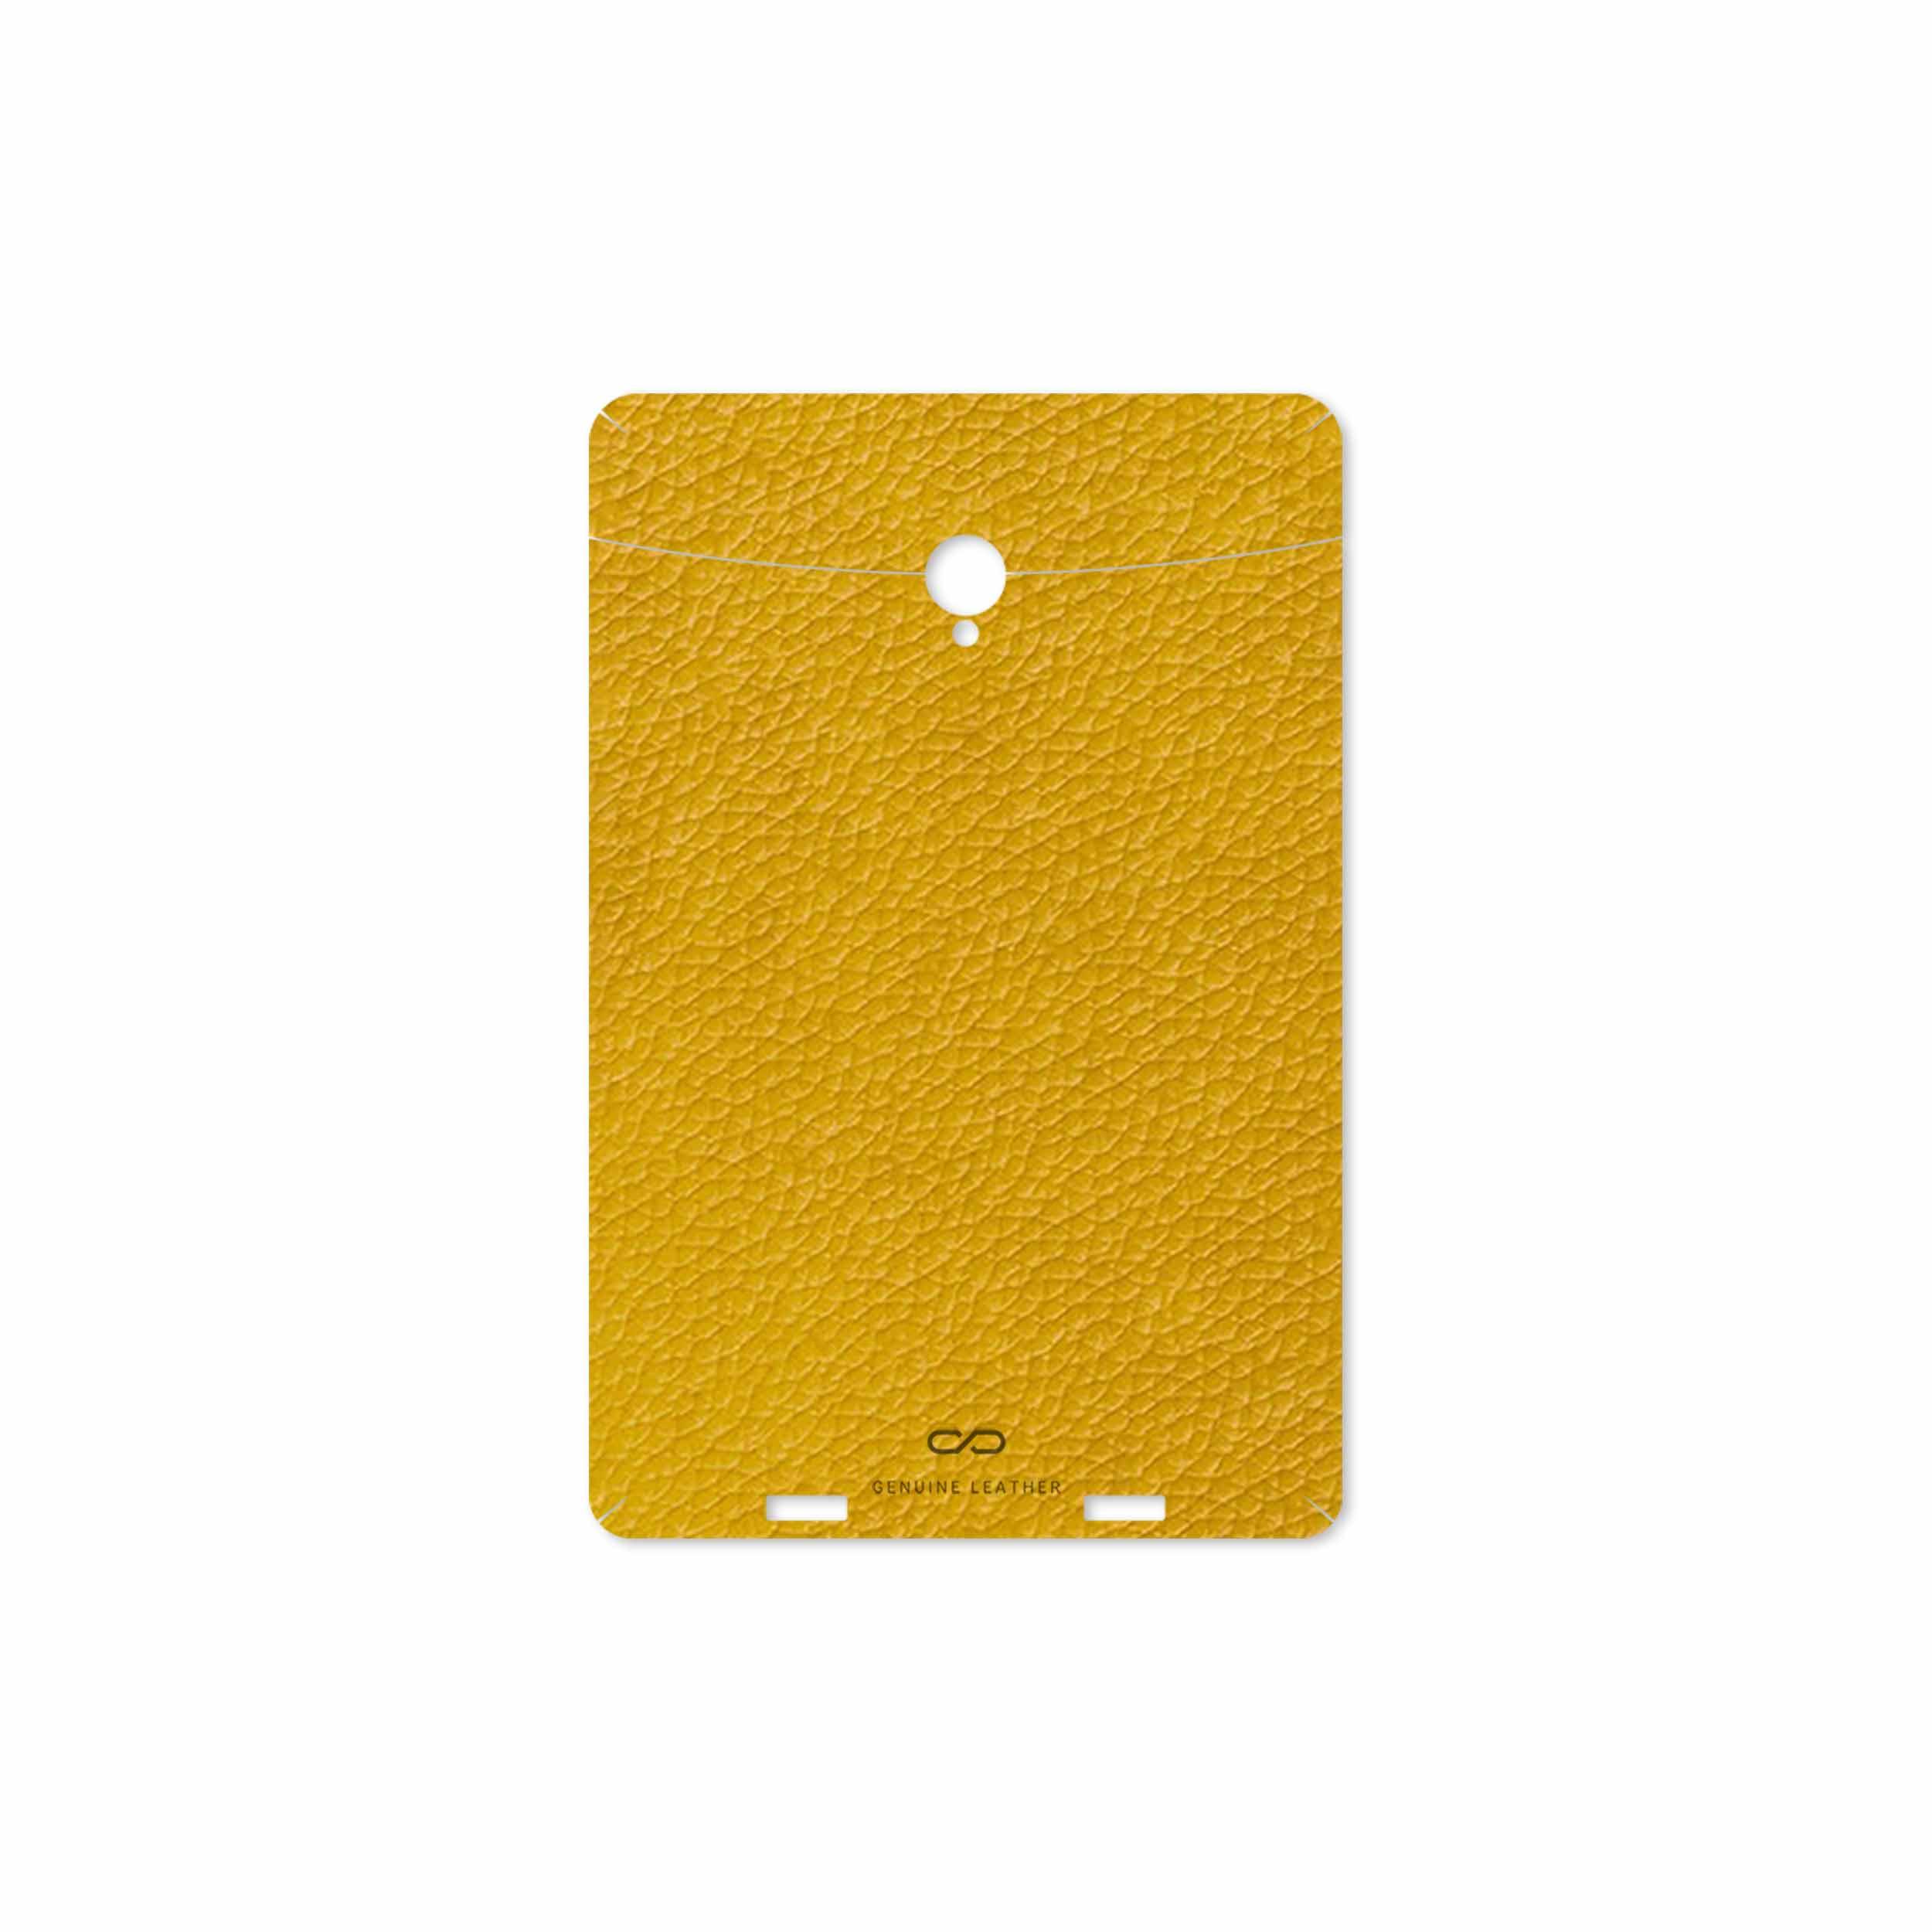 بررسی و خرید [با تخفیف]                                     برچسب پوششی ماهوت مدل Mustard-Leather مناسب برای تبلت وریکو Unipad                             اورجینال